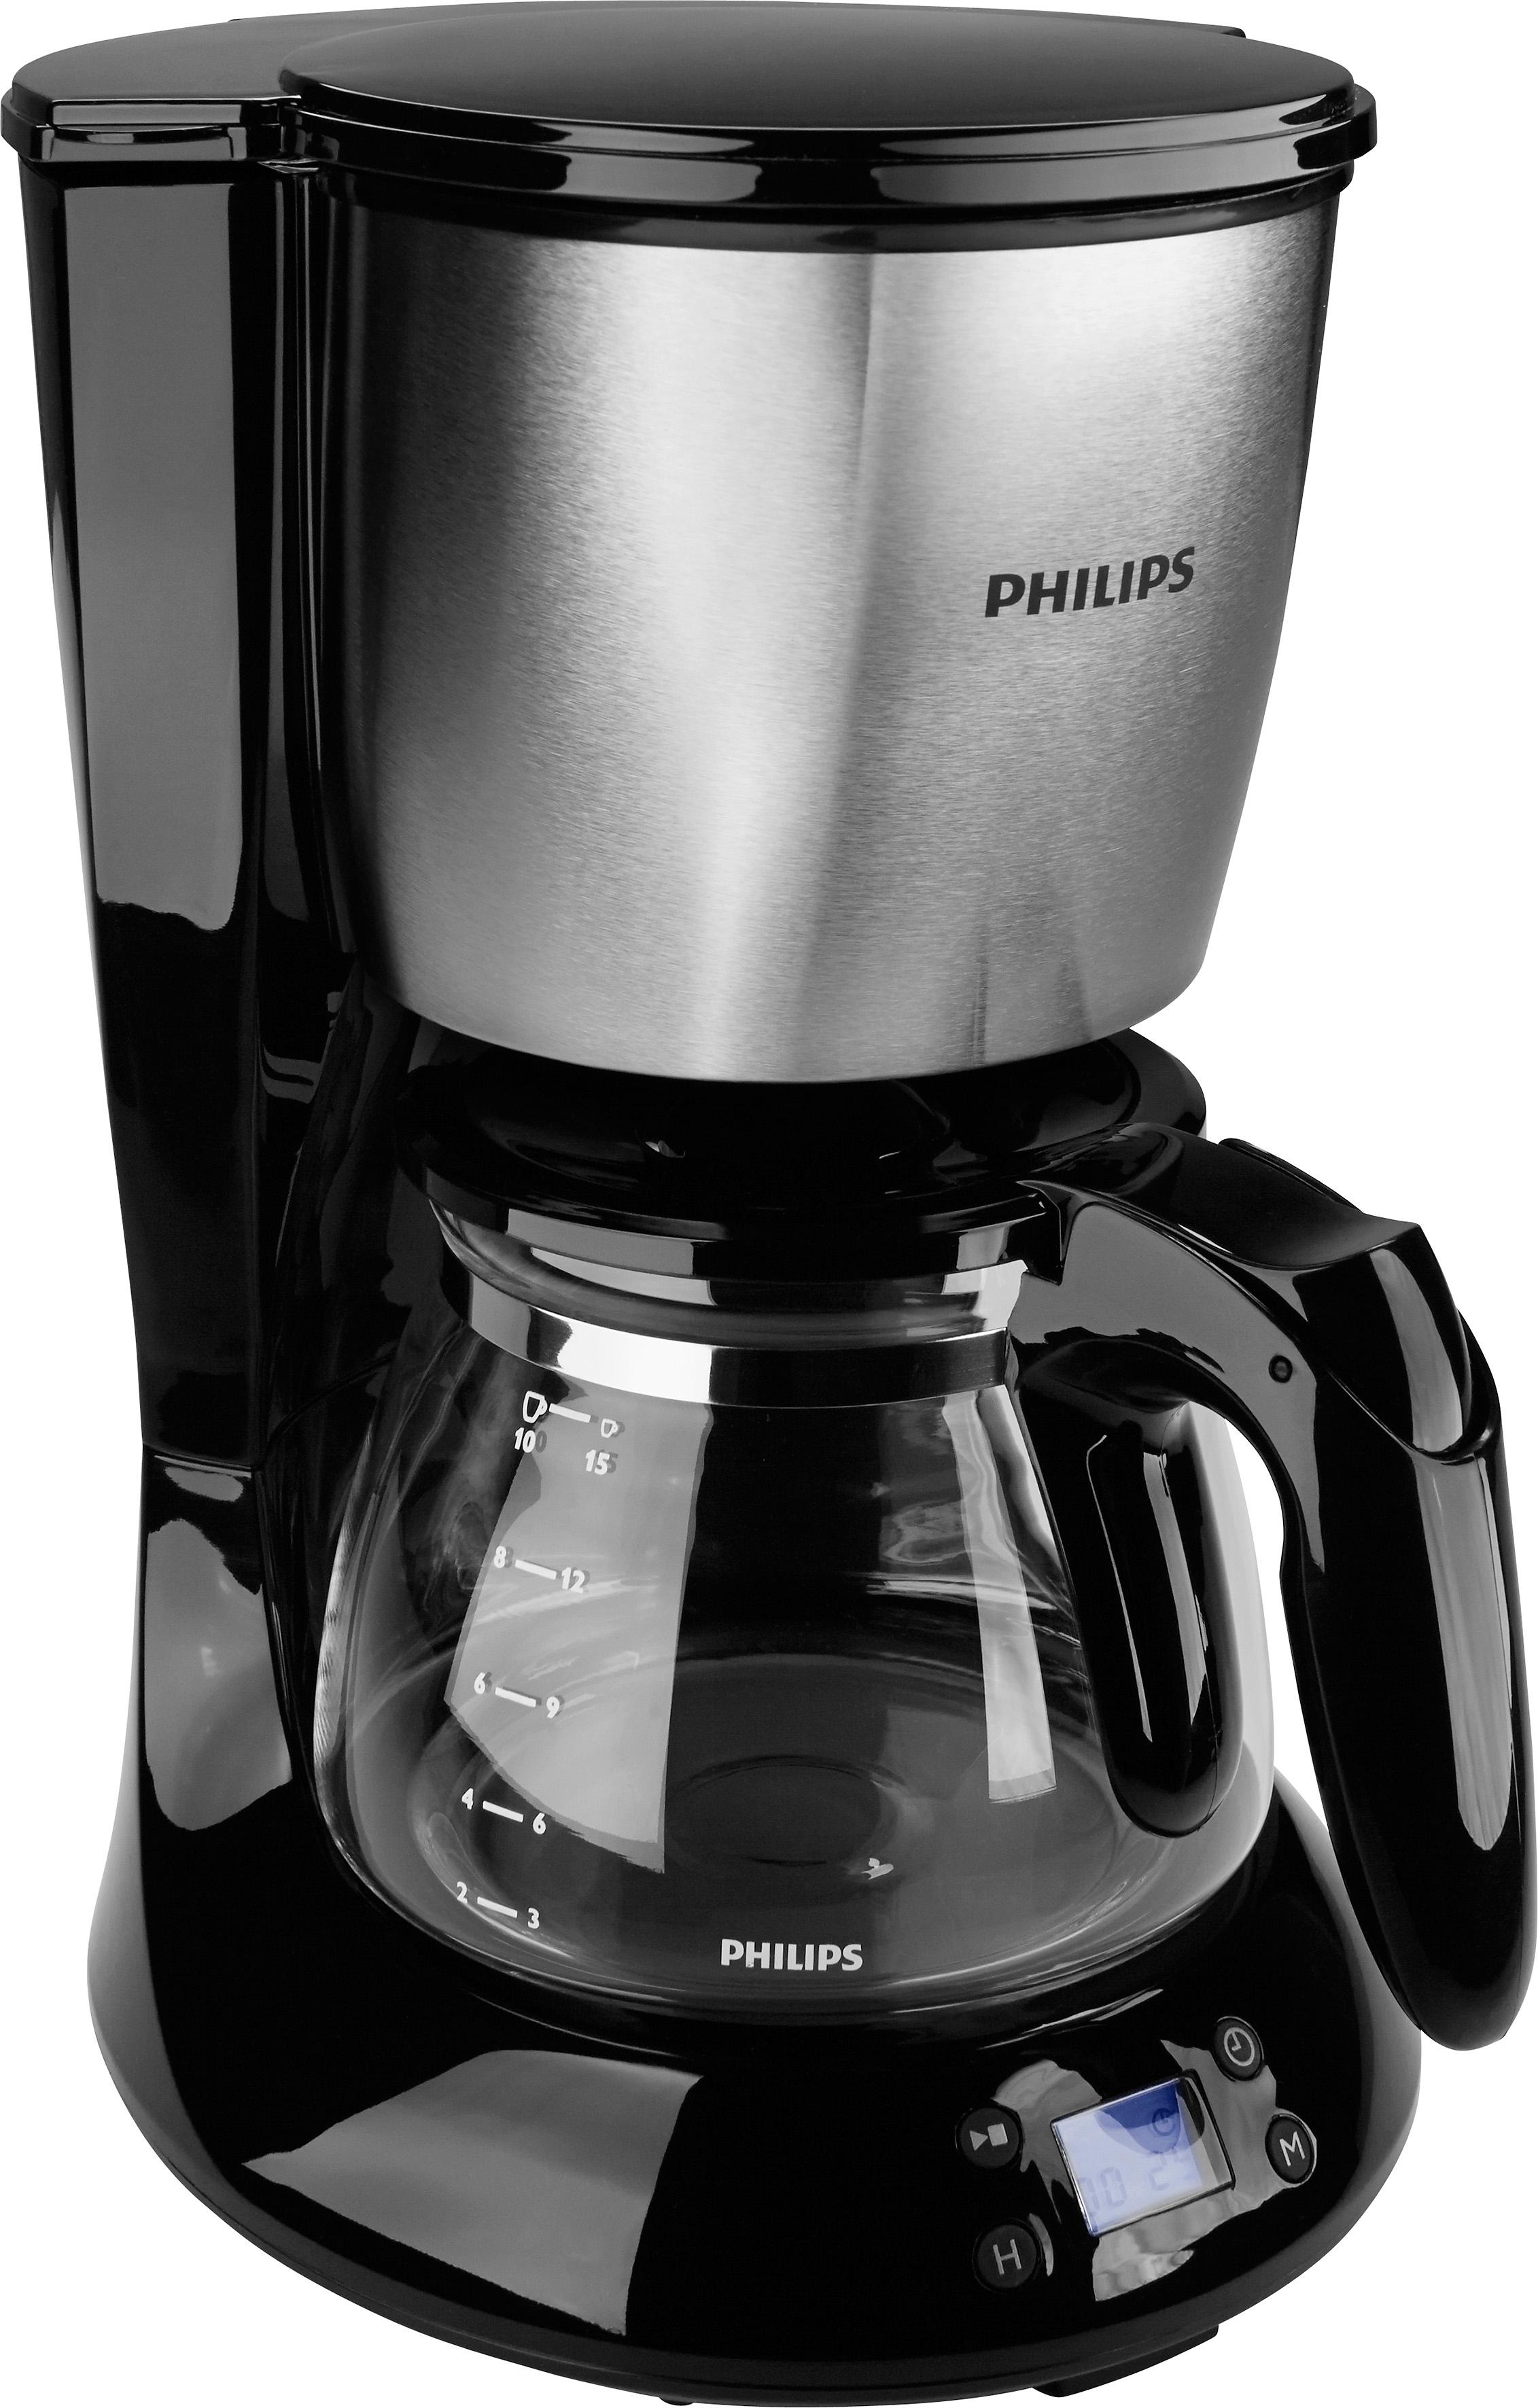 Philips Koffiezetapparaat Daily Collection HD7459/20, met glazen kan, zwart/metaal - gratis ruilen op otto.nl